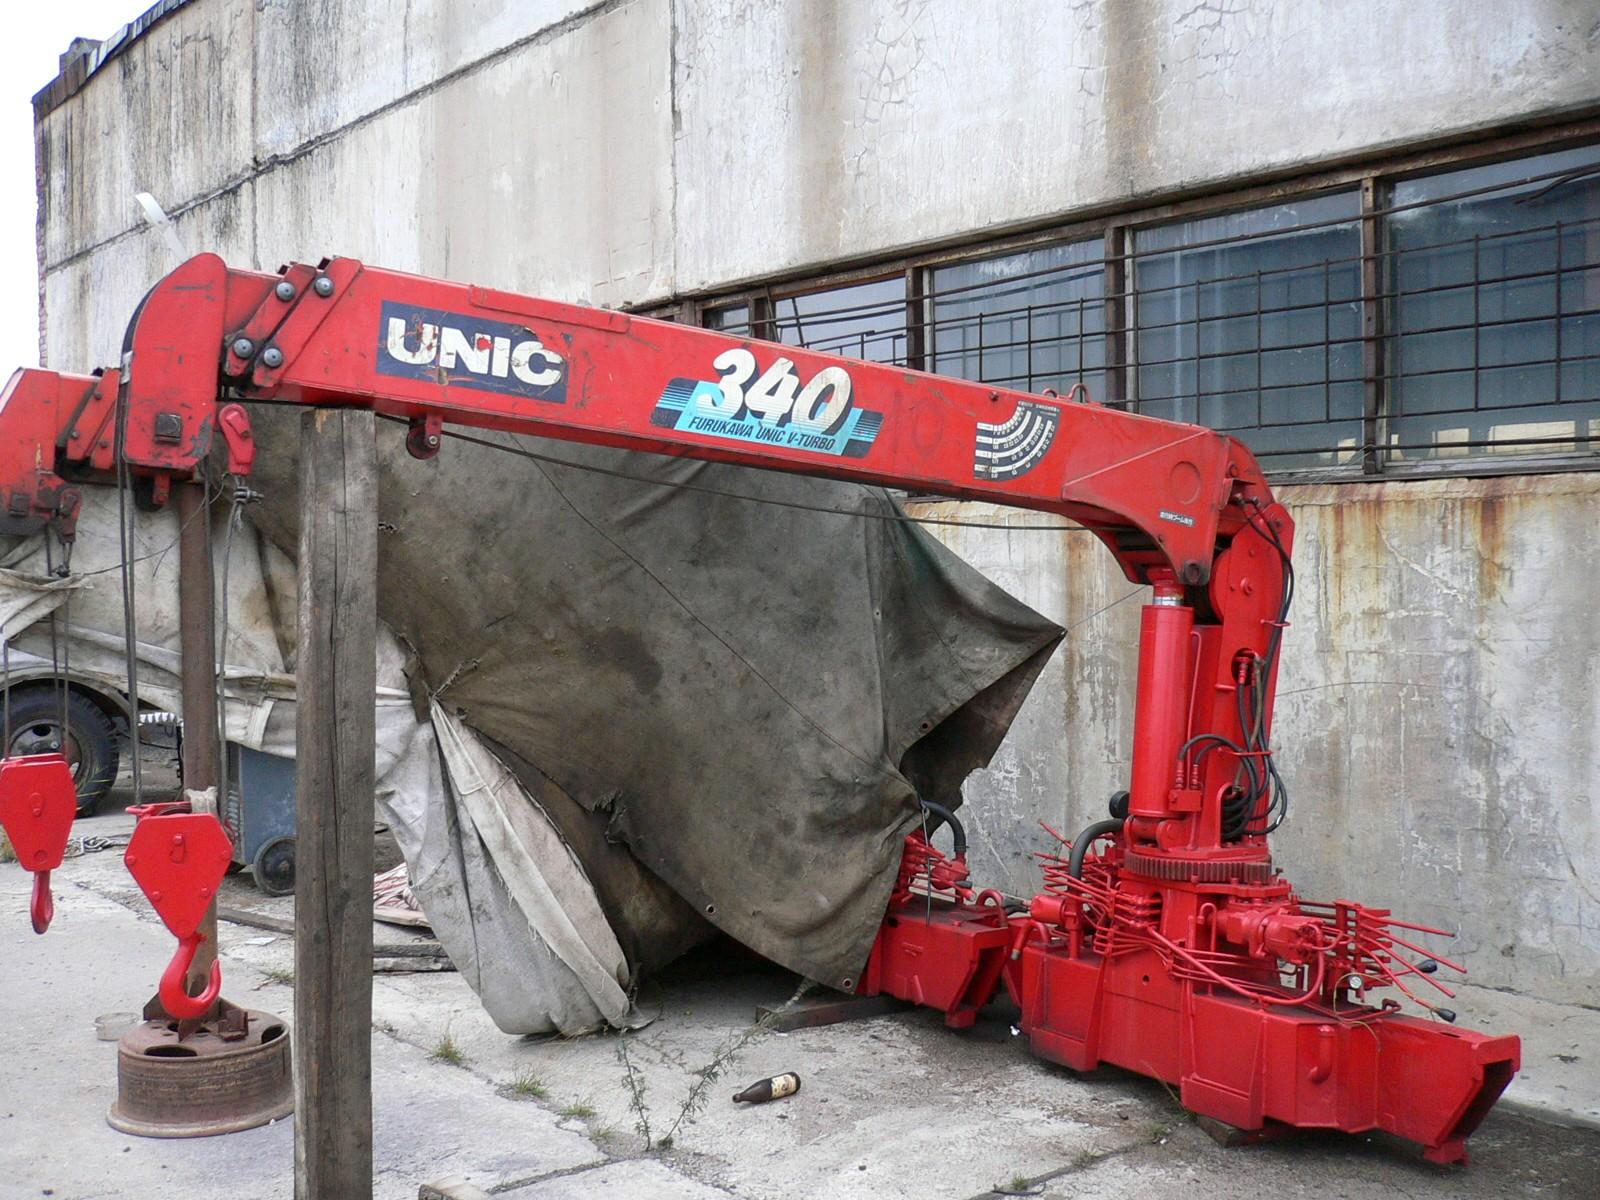 UNIC 340 Turbo